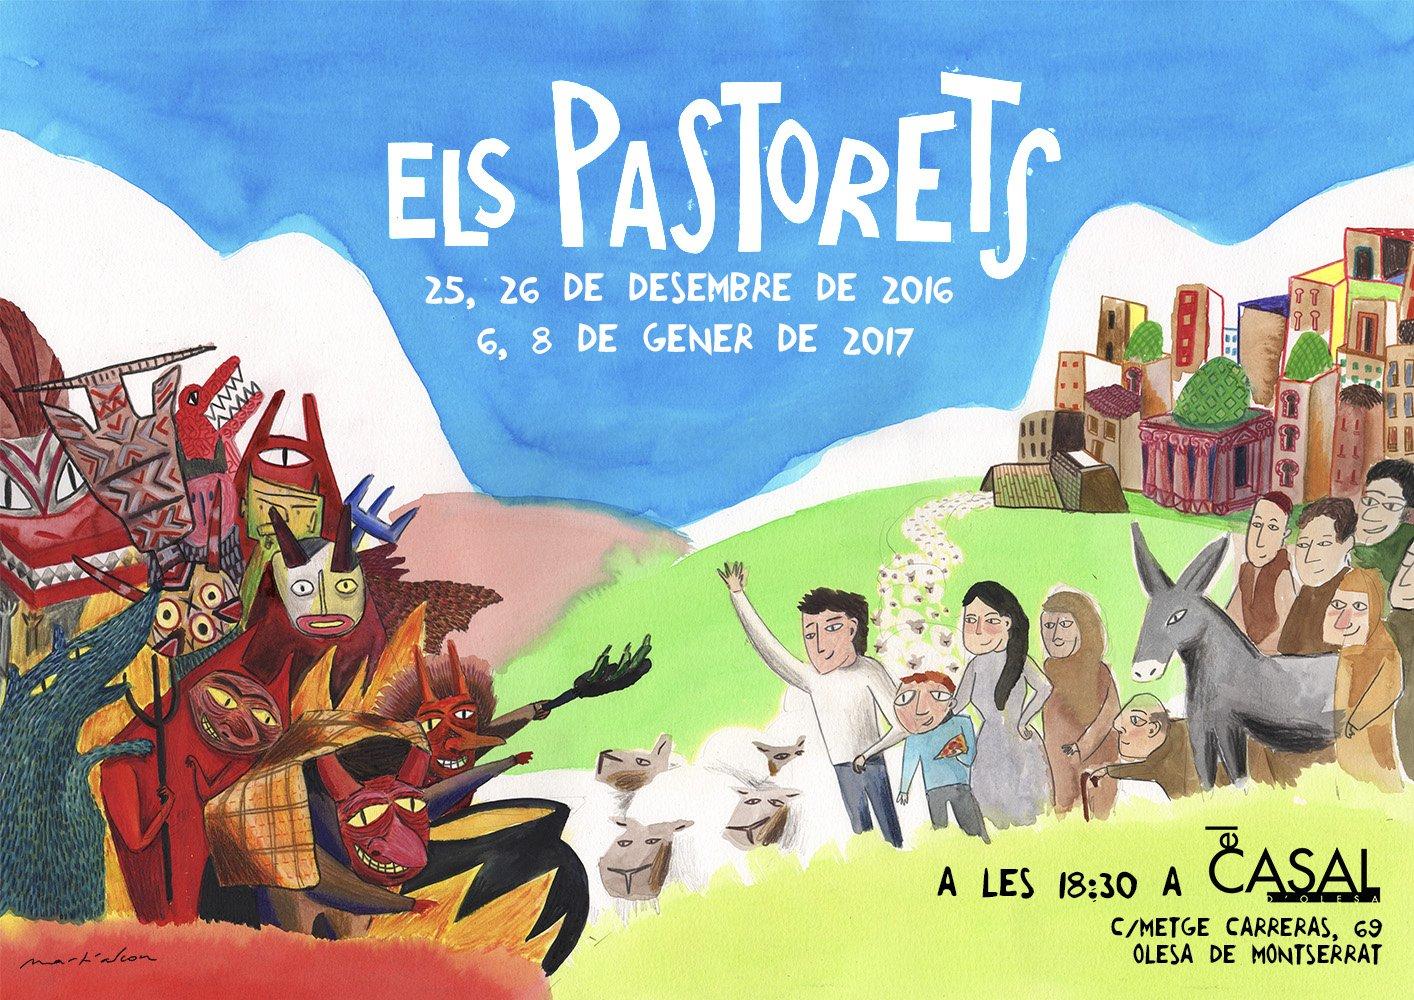 Els Pastorets 2016/17